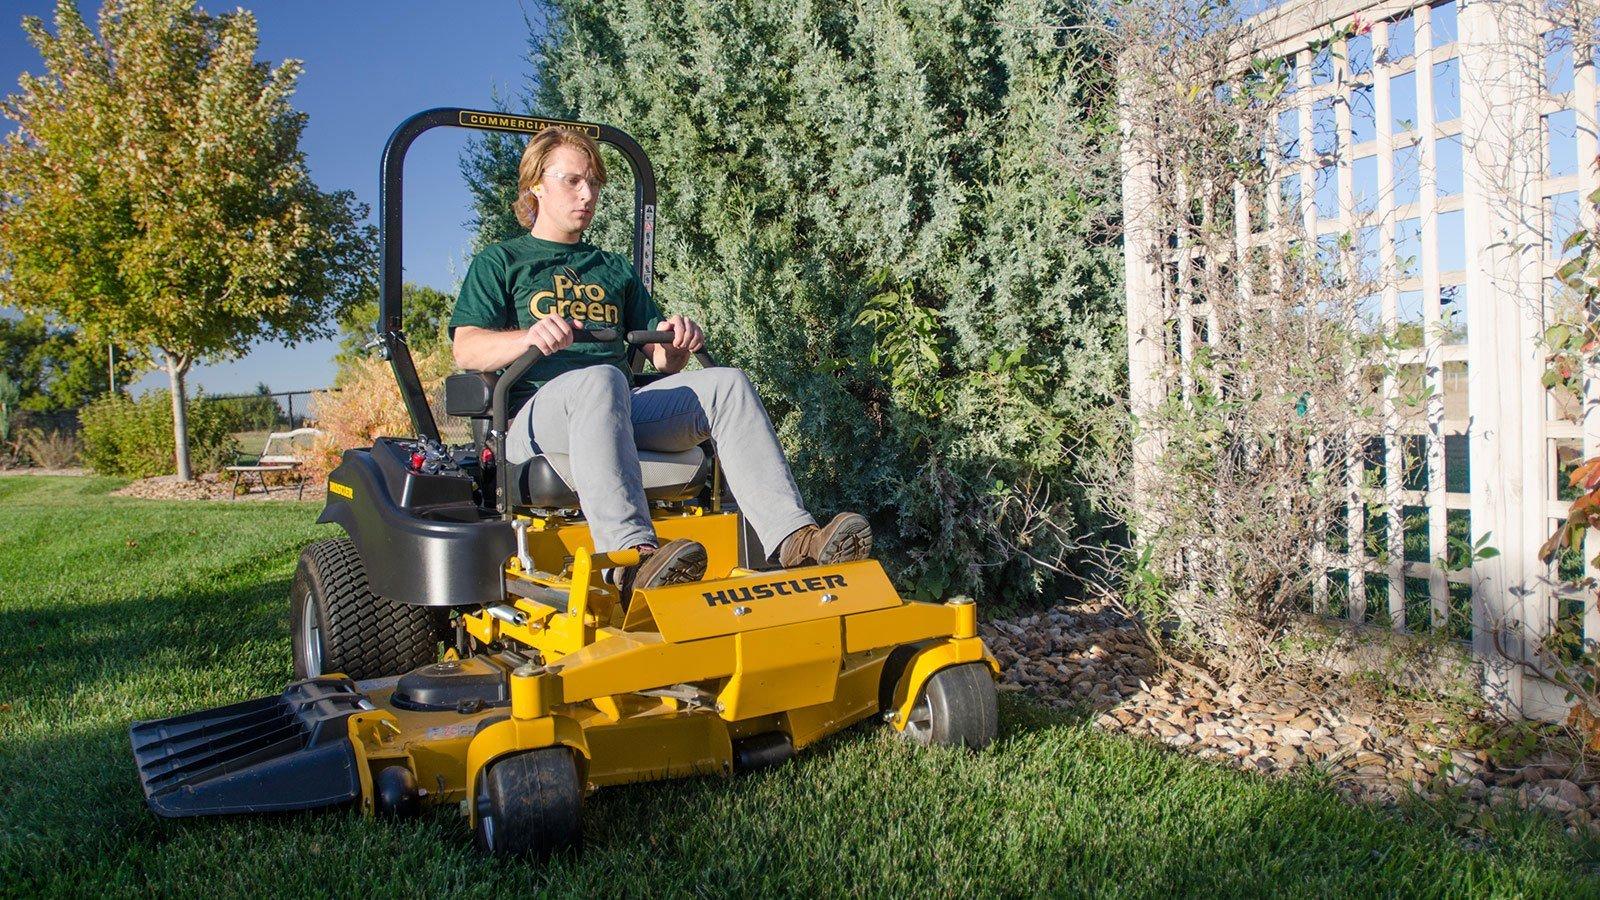 Hustler Turf Equipment Loveland Hustler Lawn Mower